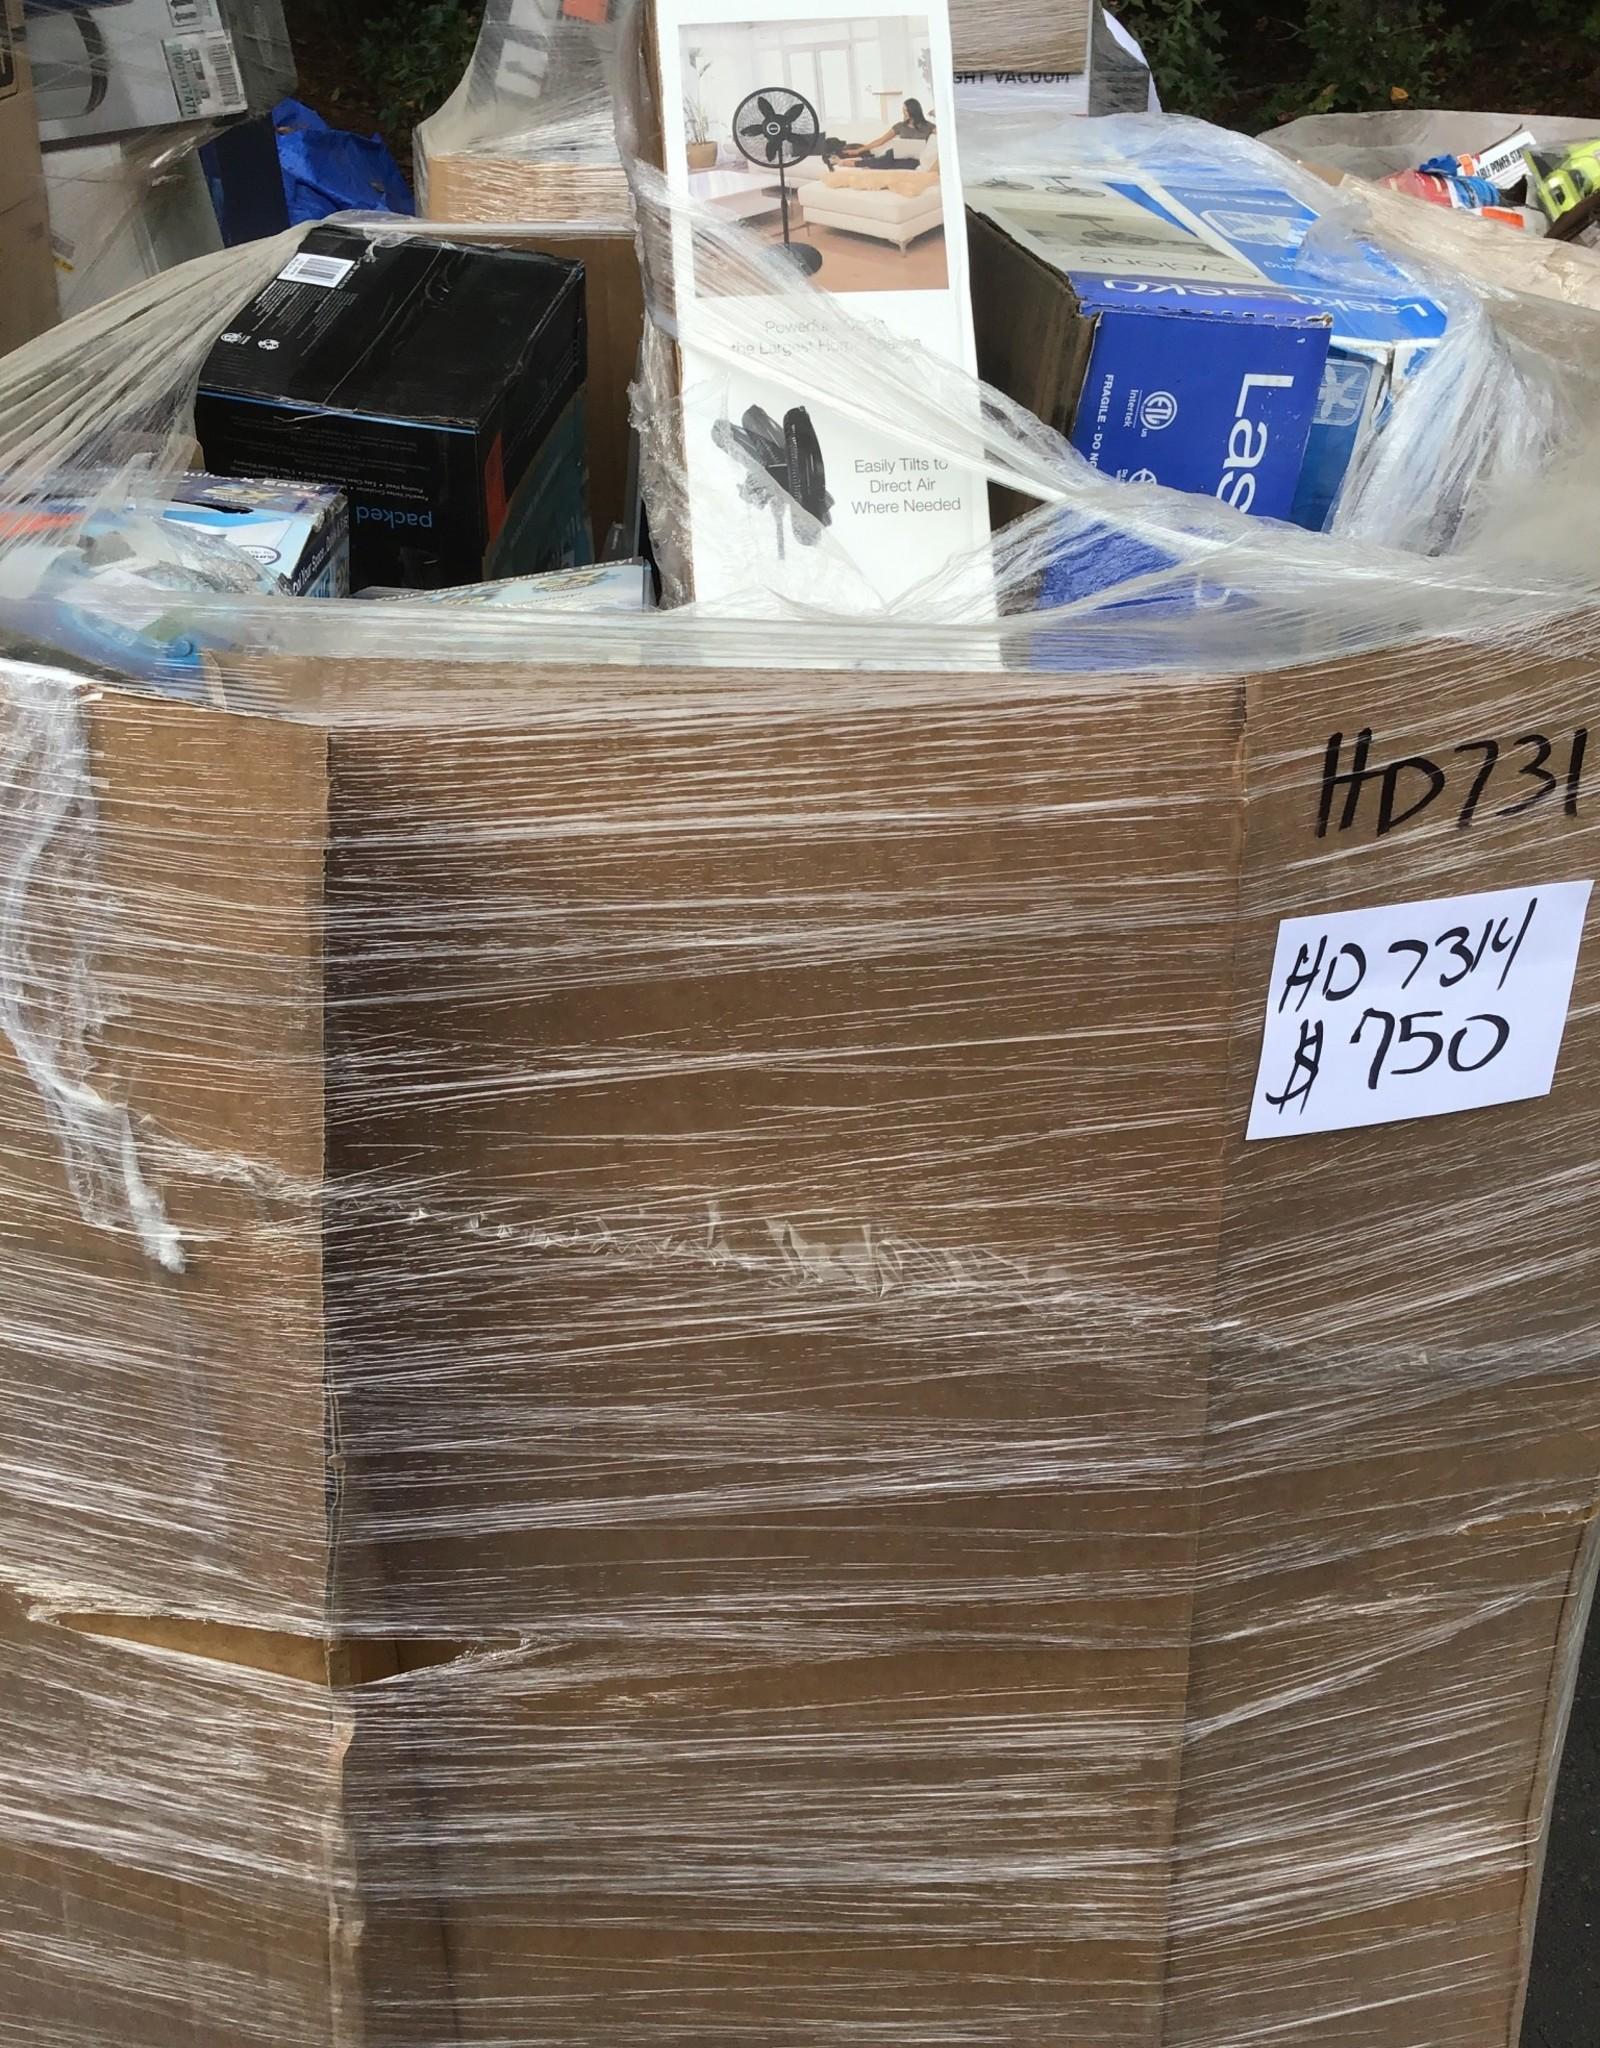 Home Depot HD7314